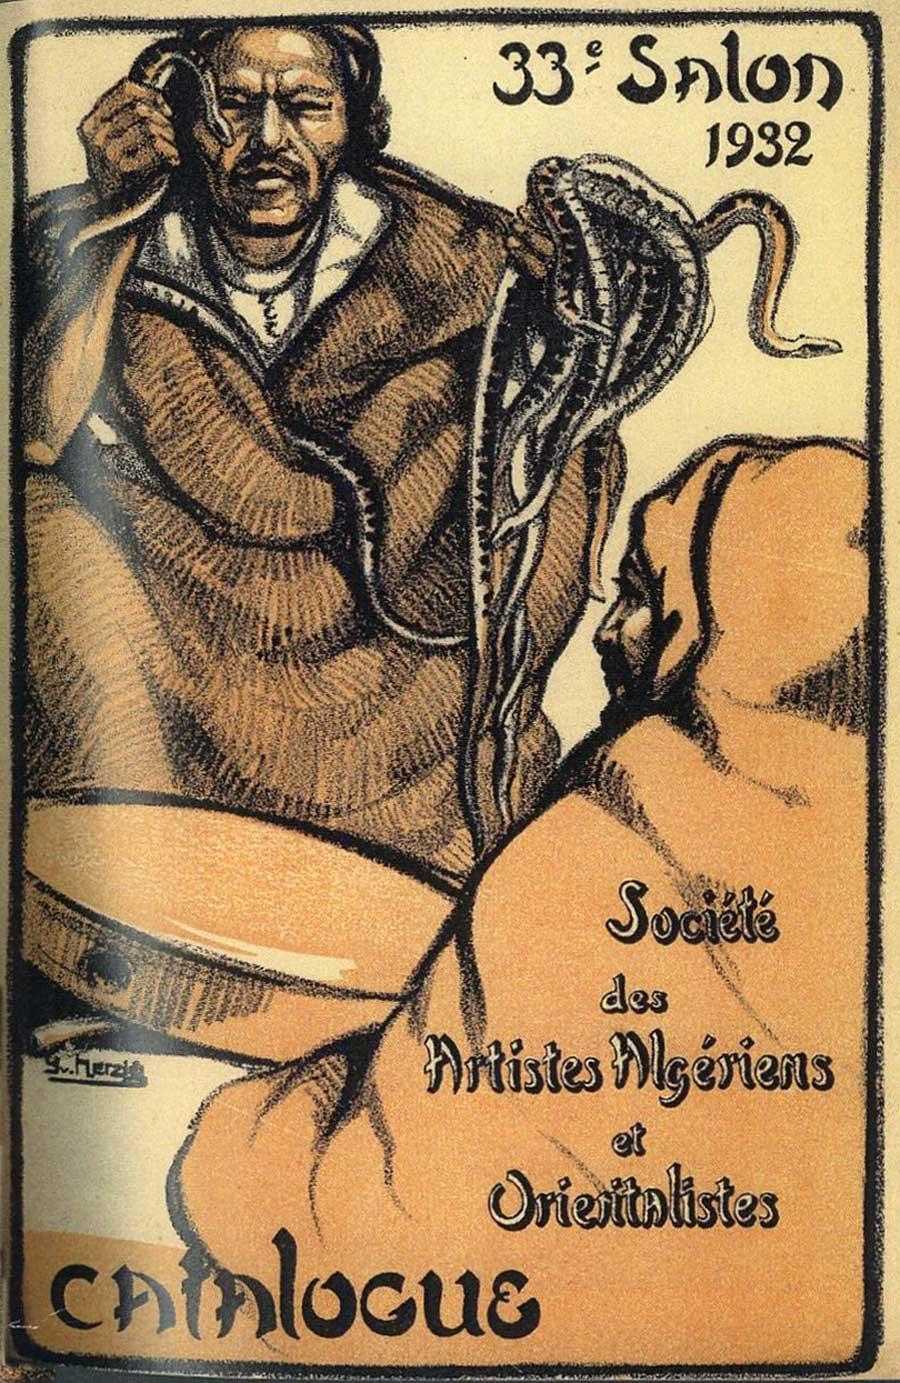 L'affiche du 33e salon de la Société des artistes algériens et orientalistes, 1932